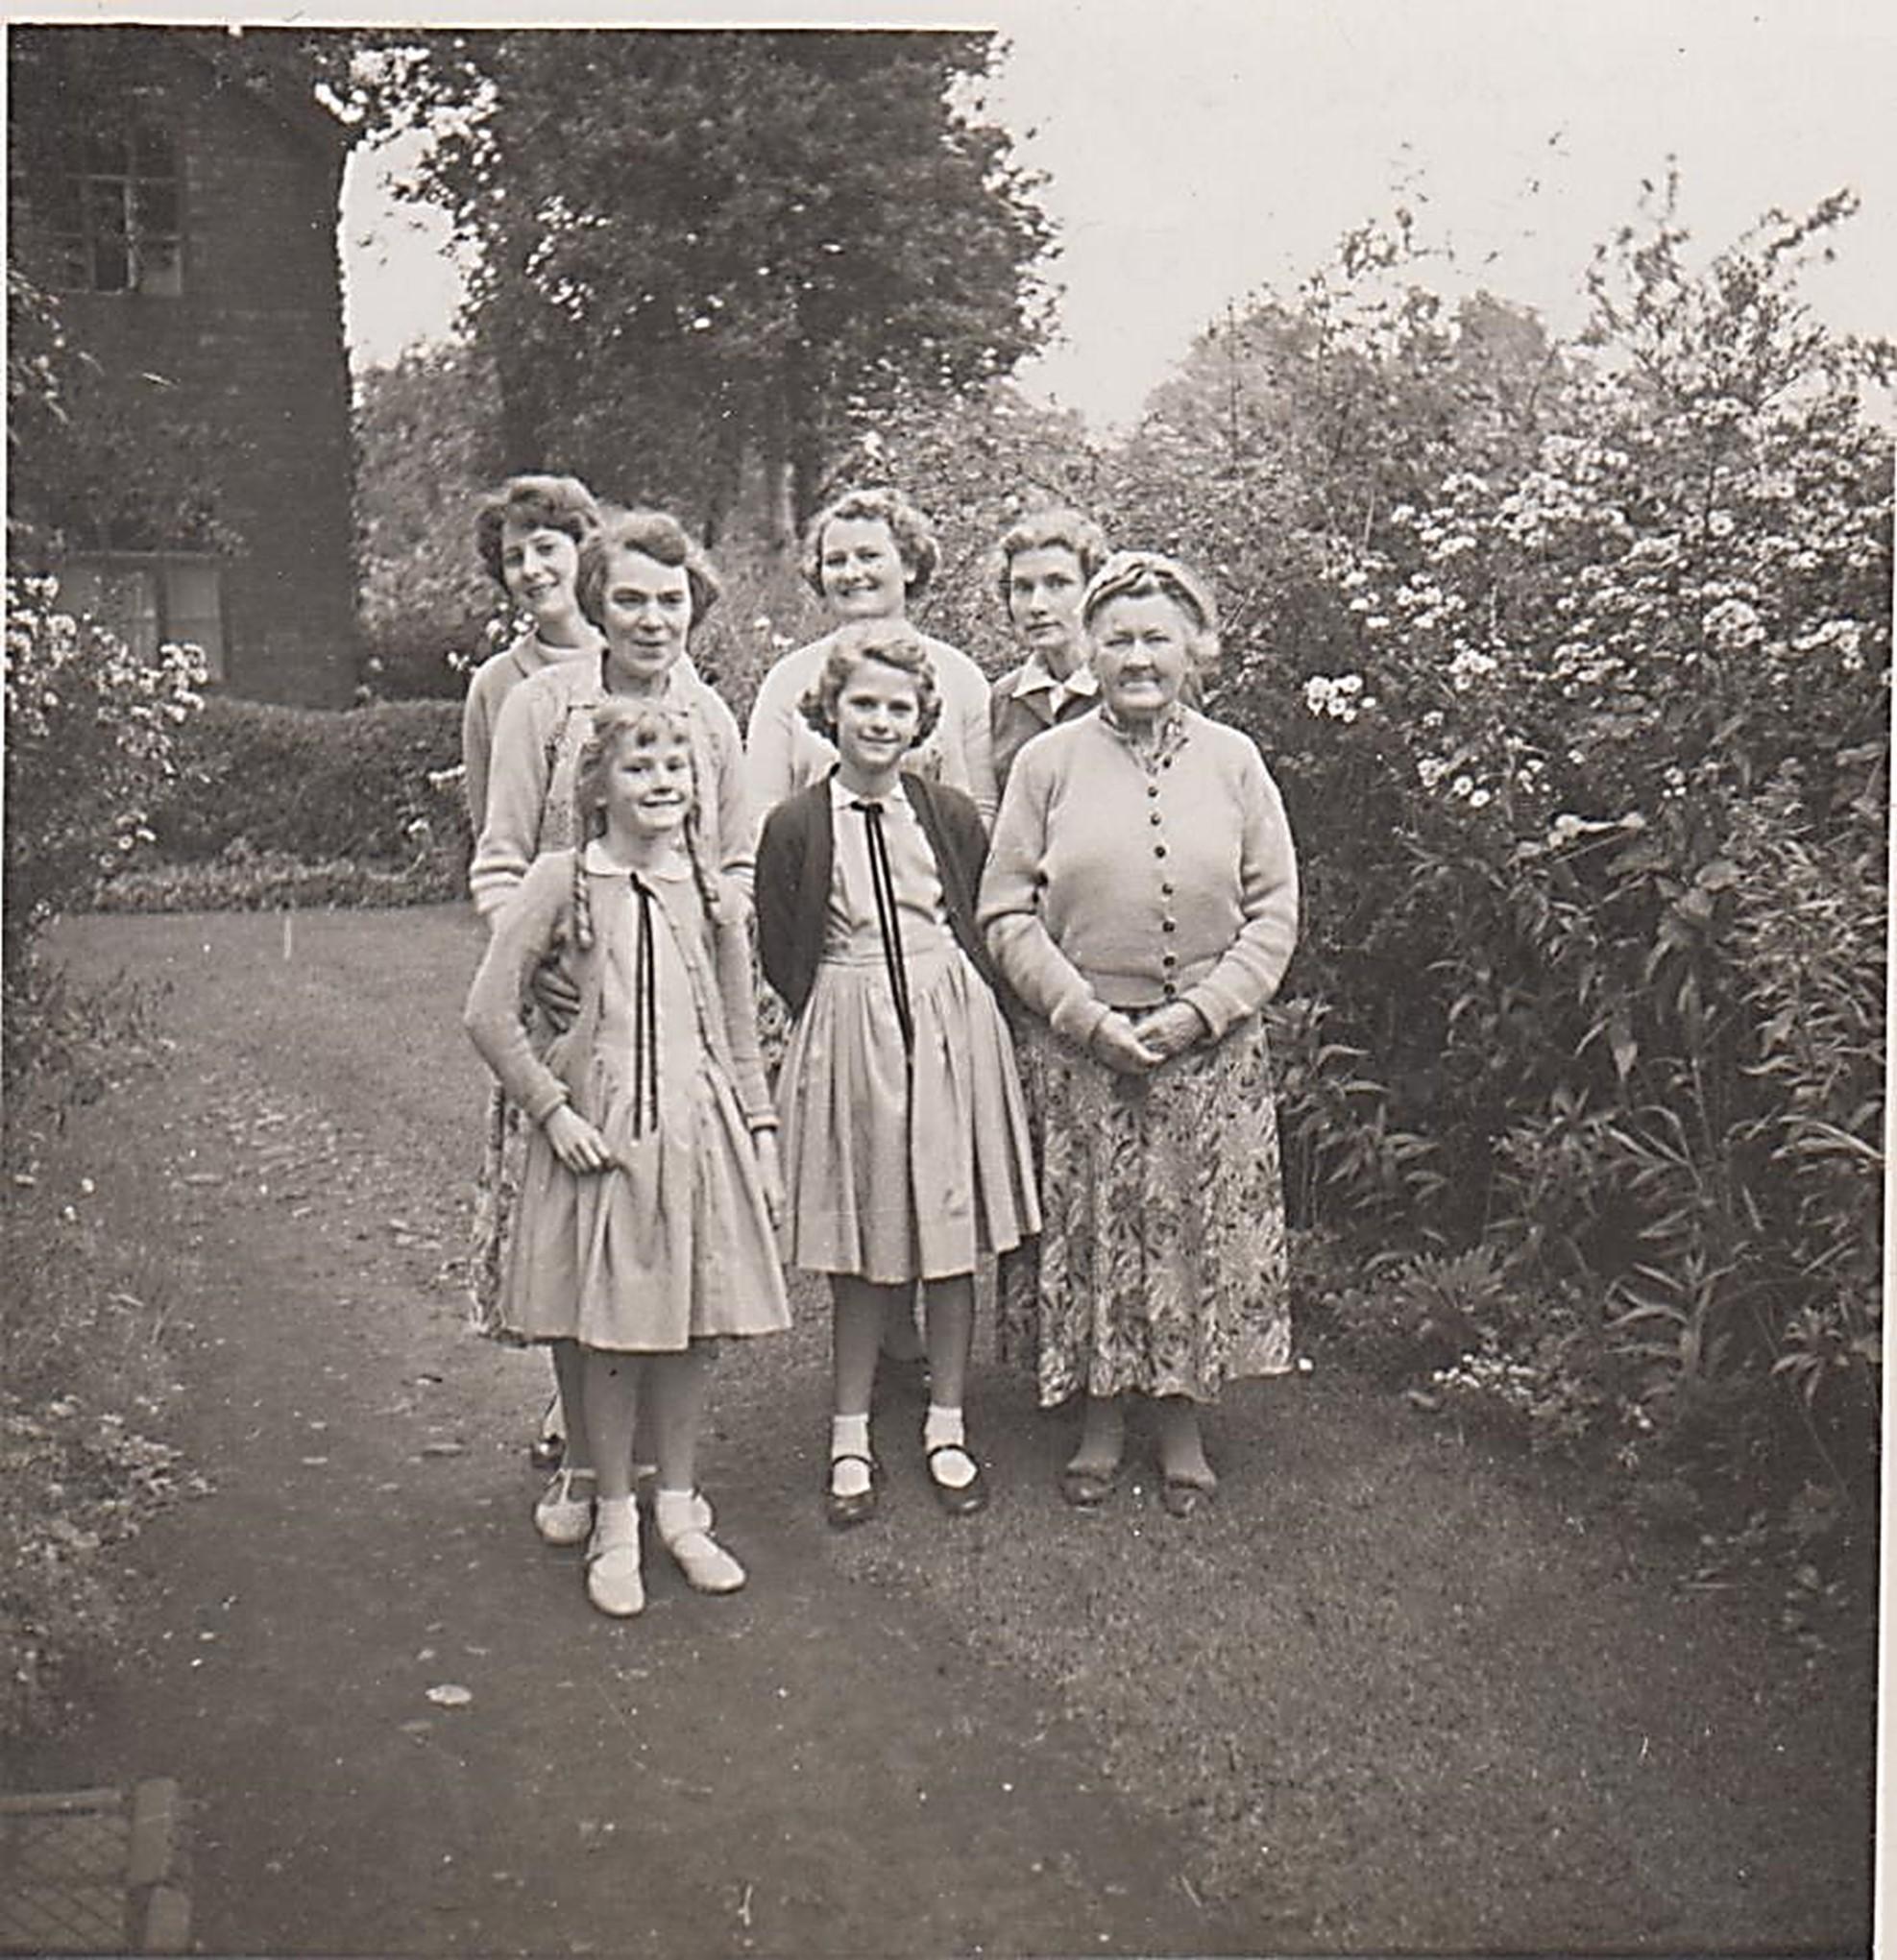 roberts_at_hathern_1958_001.jpg